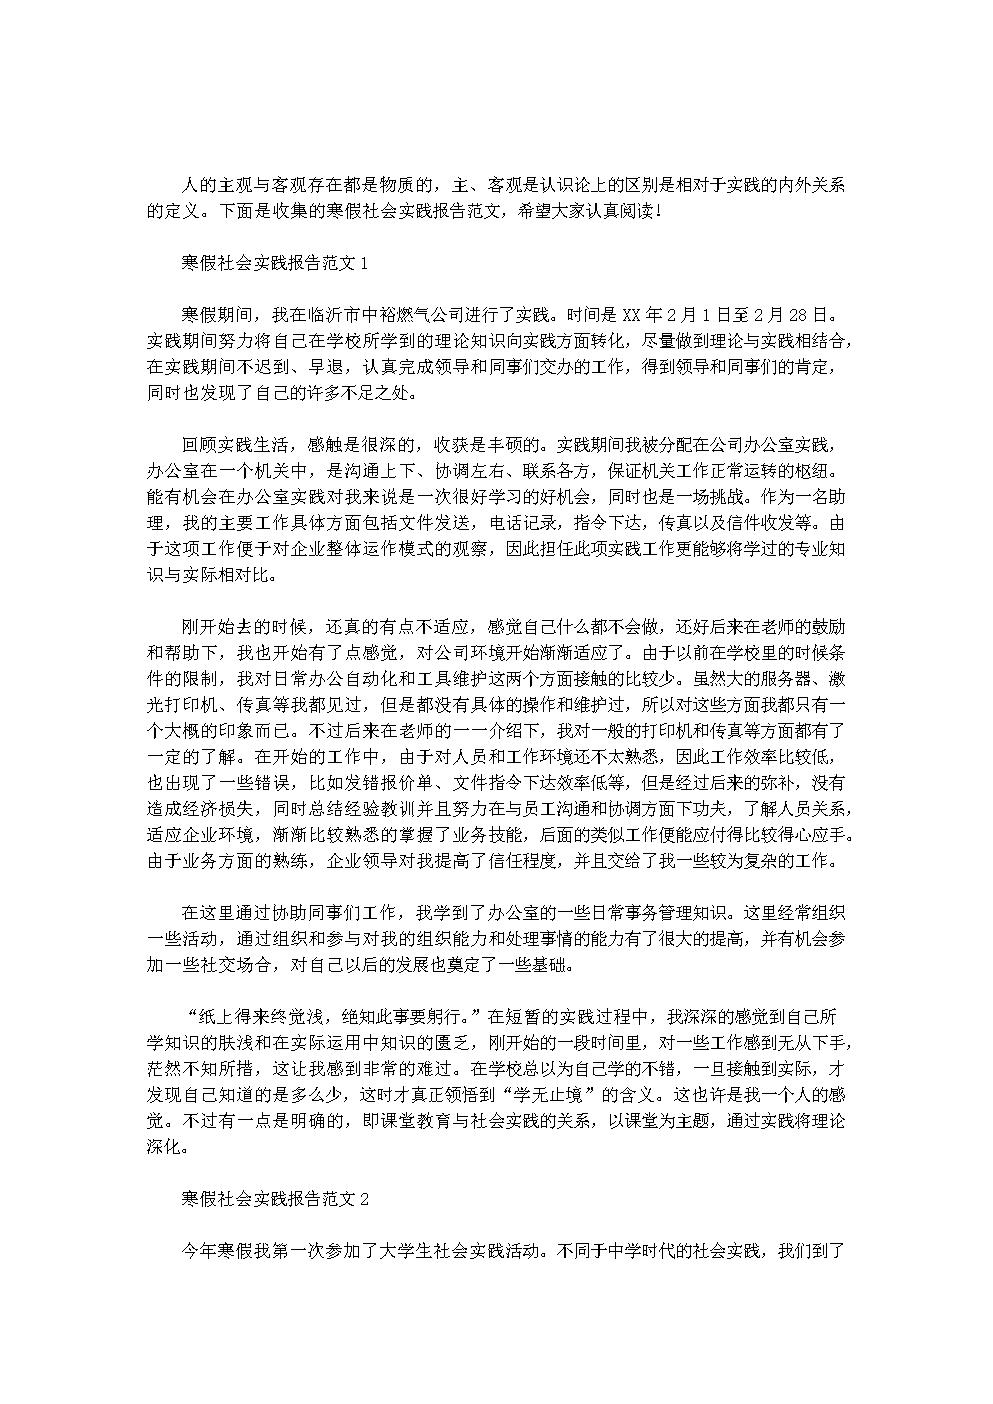 寒假社会实践报告范文2020.doc